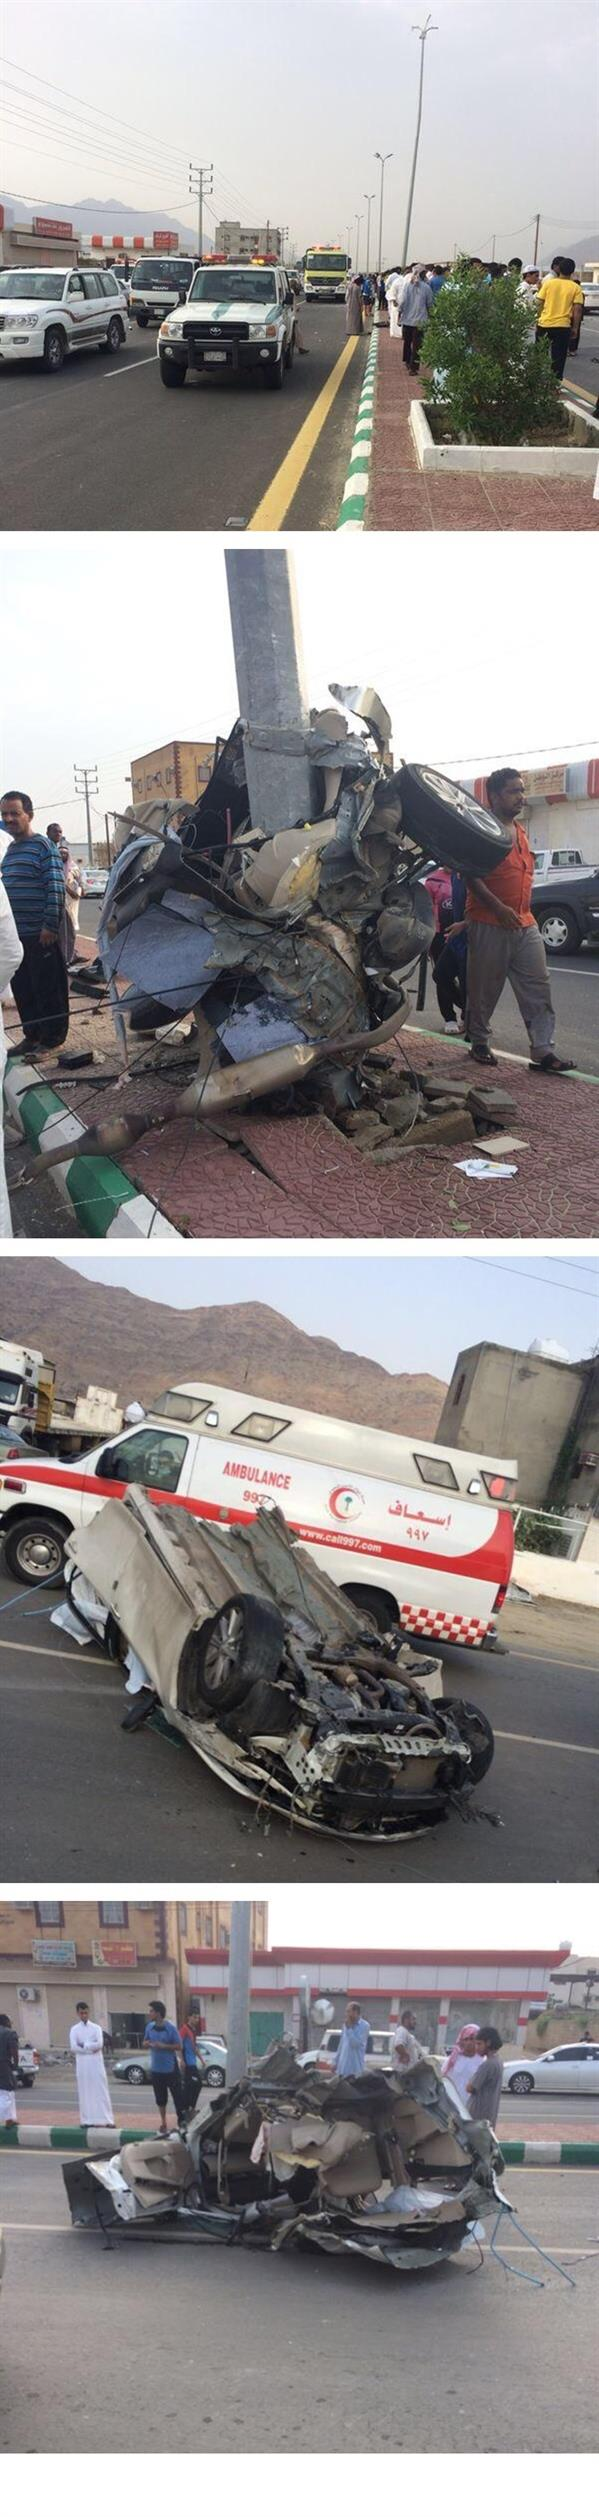 عسير: وفاة اصطدامه بعمود وانشطار سيارته (صور) 9f918461-056e-462d-b